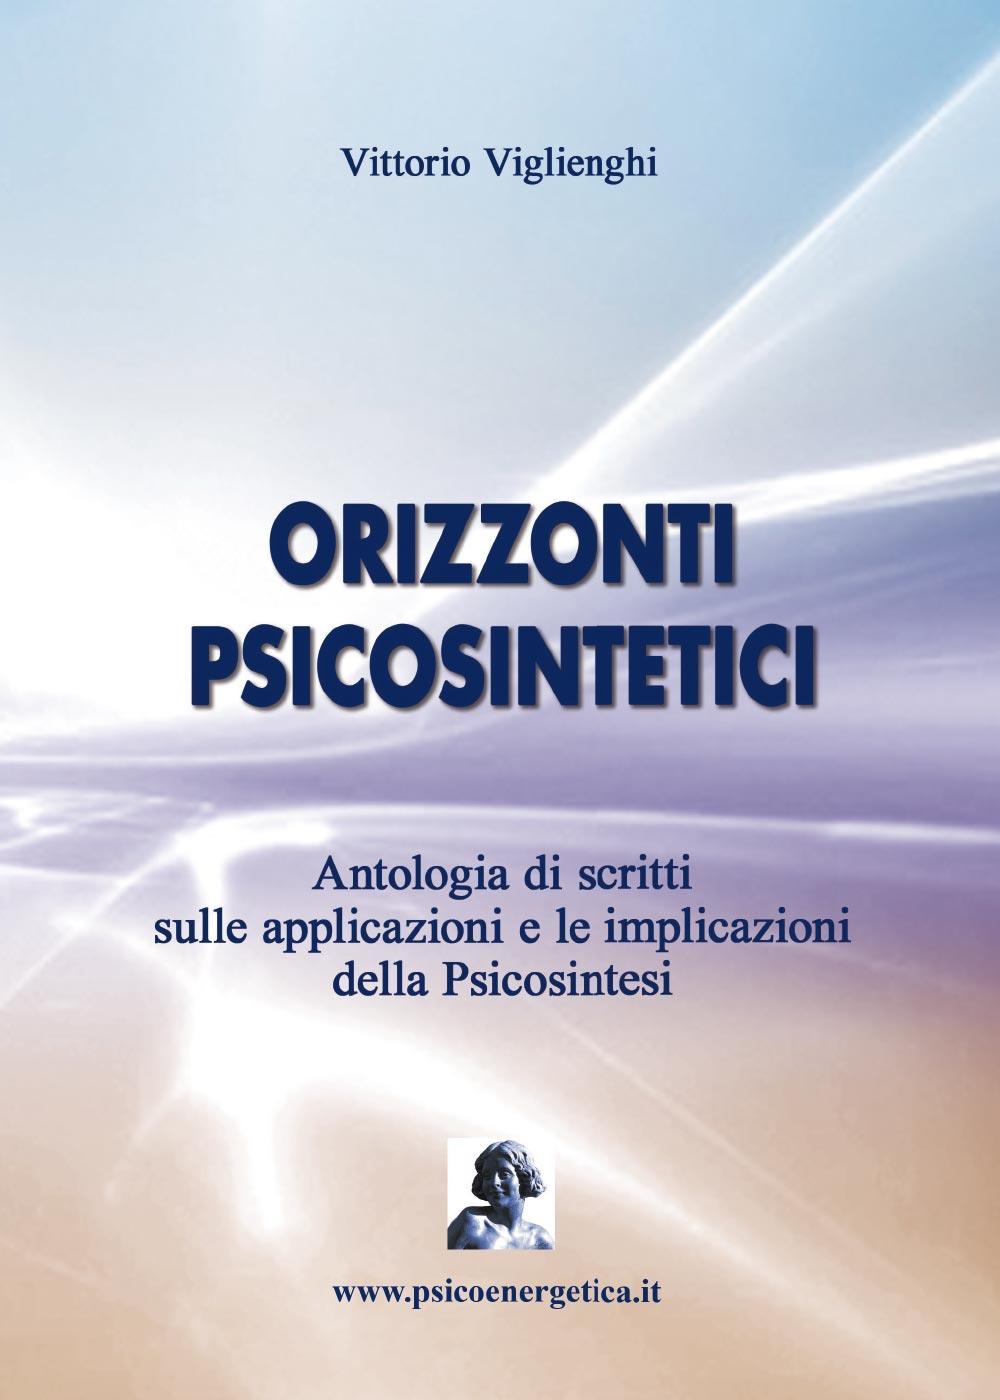 Orizzonti psicosintetici